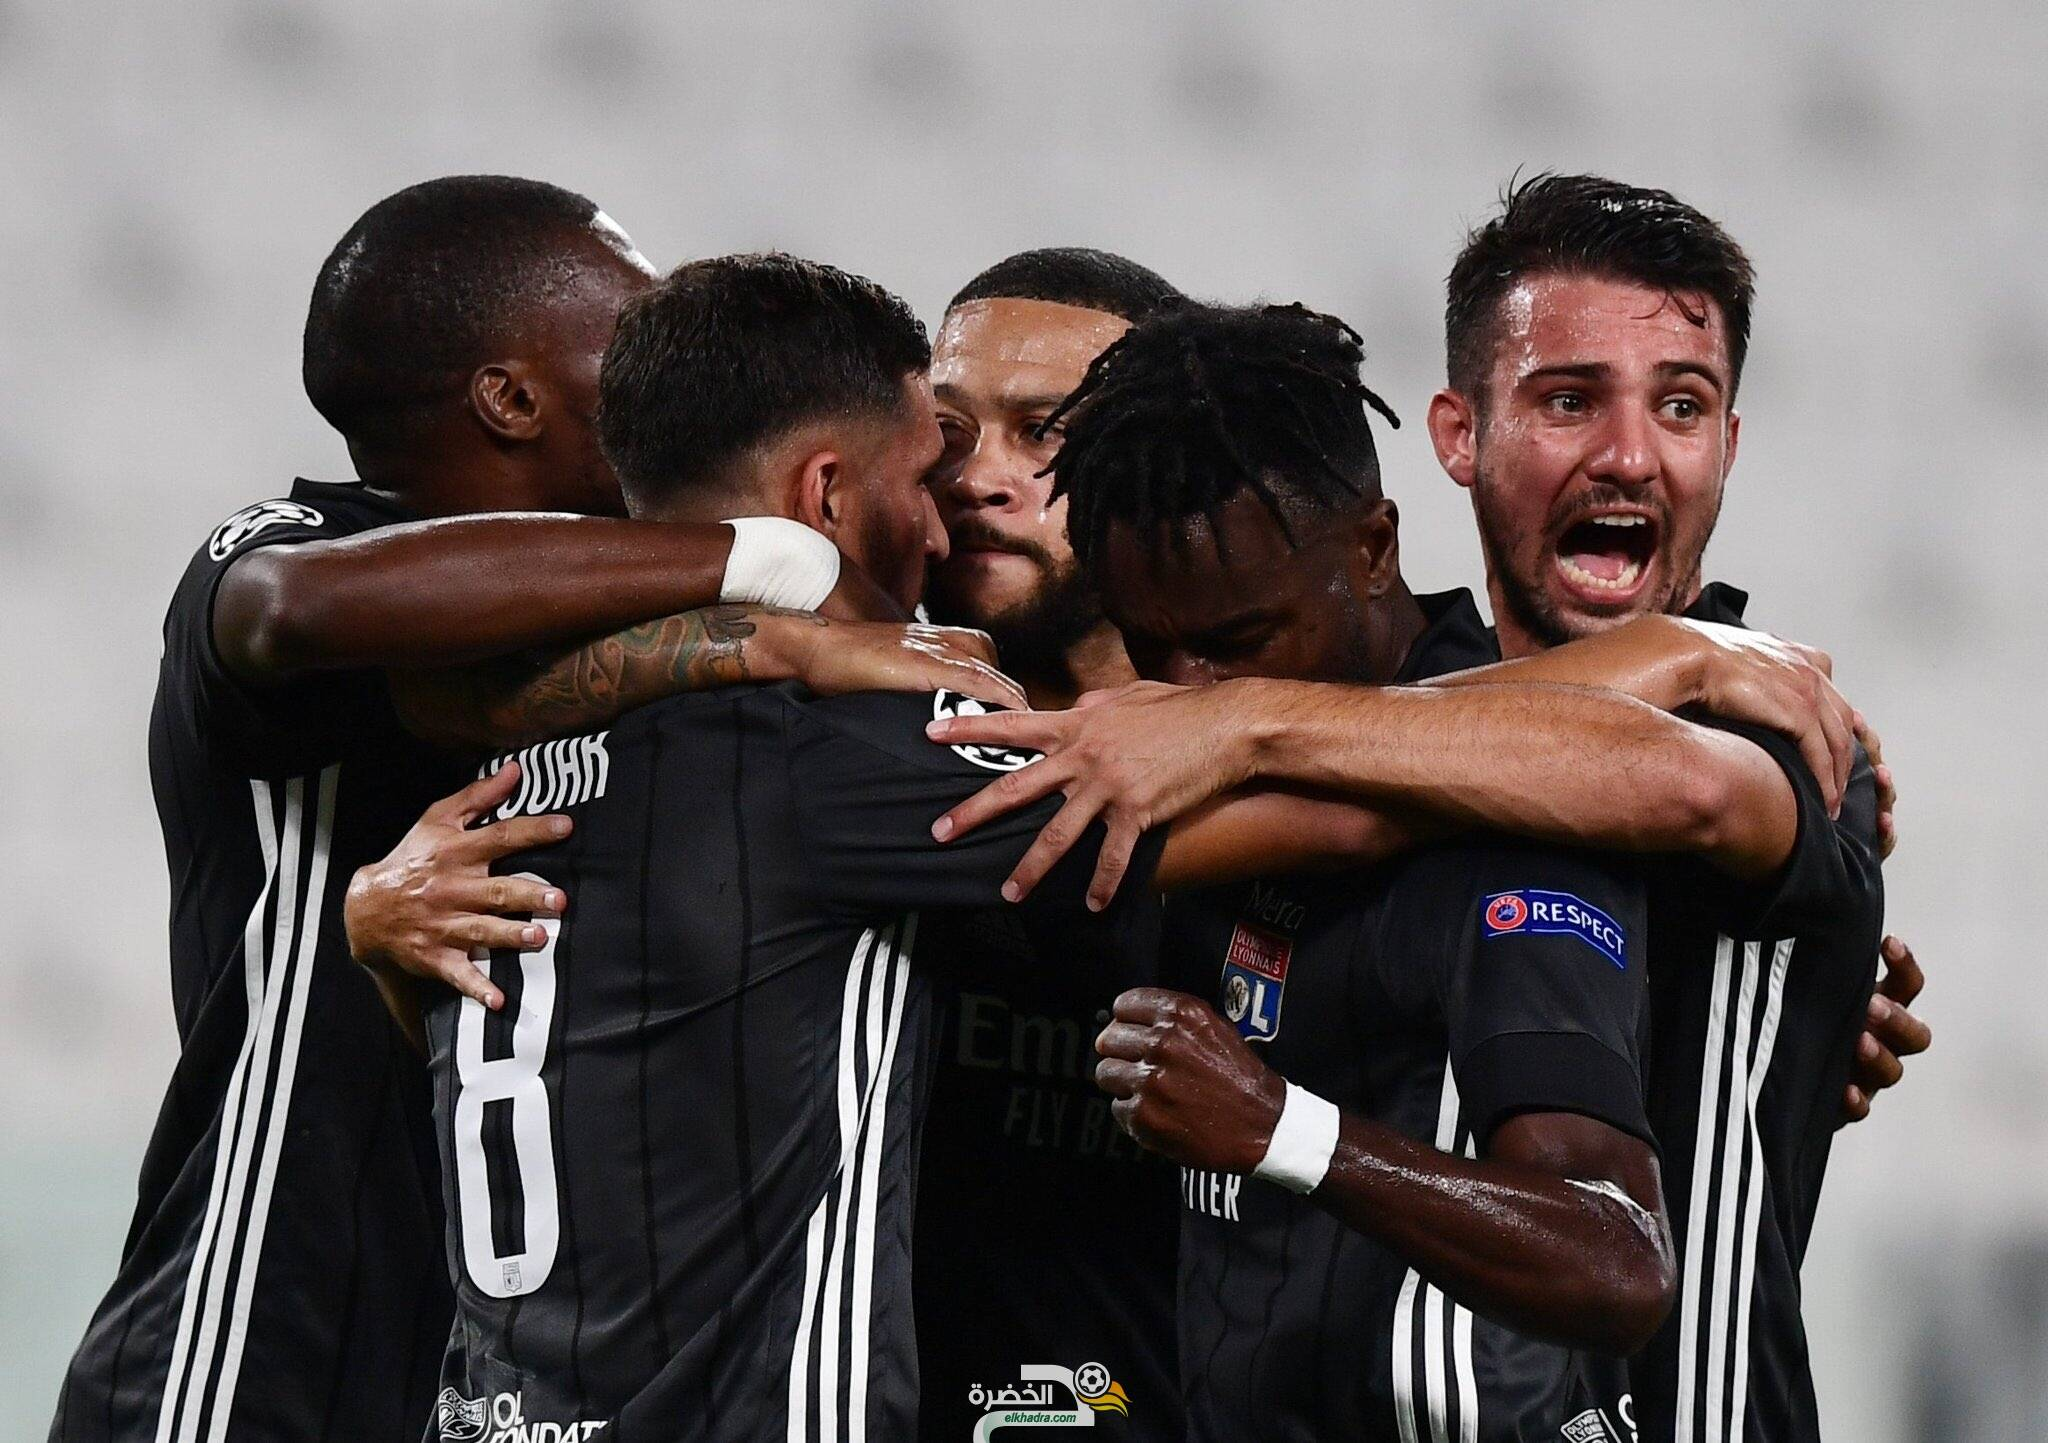 ليون يقصي يوفينتوس ويتأهل لربع نهائي دوري أبطال أوروبا 25